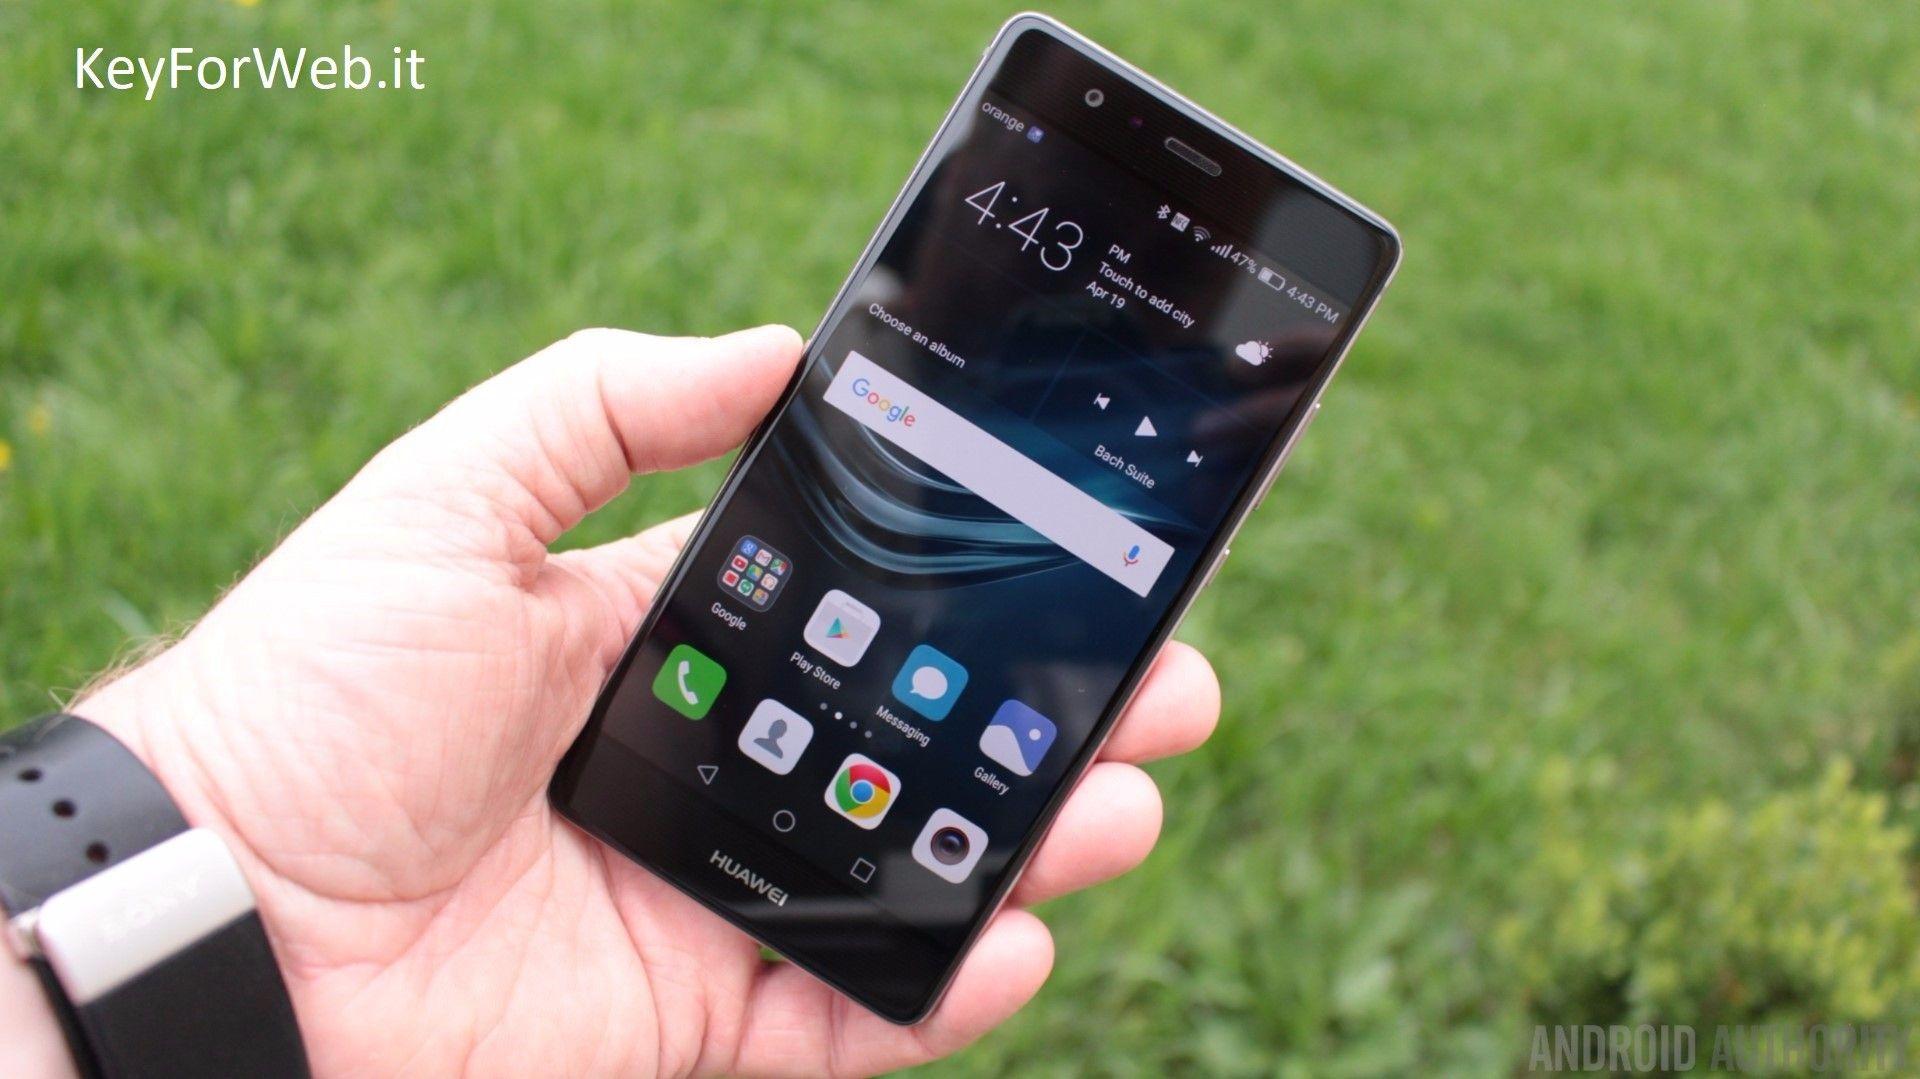 Aggiornamento Huawei P9 Lite in arrivo con le patch di sicurezza Android